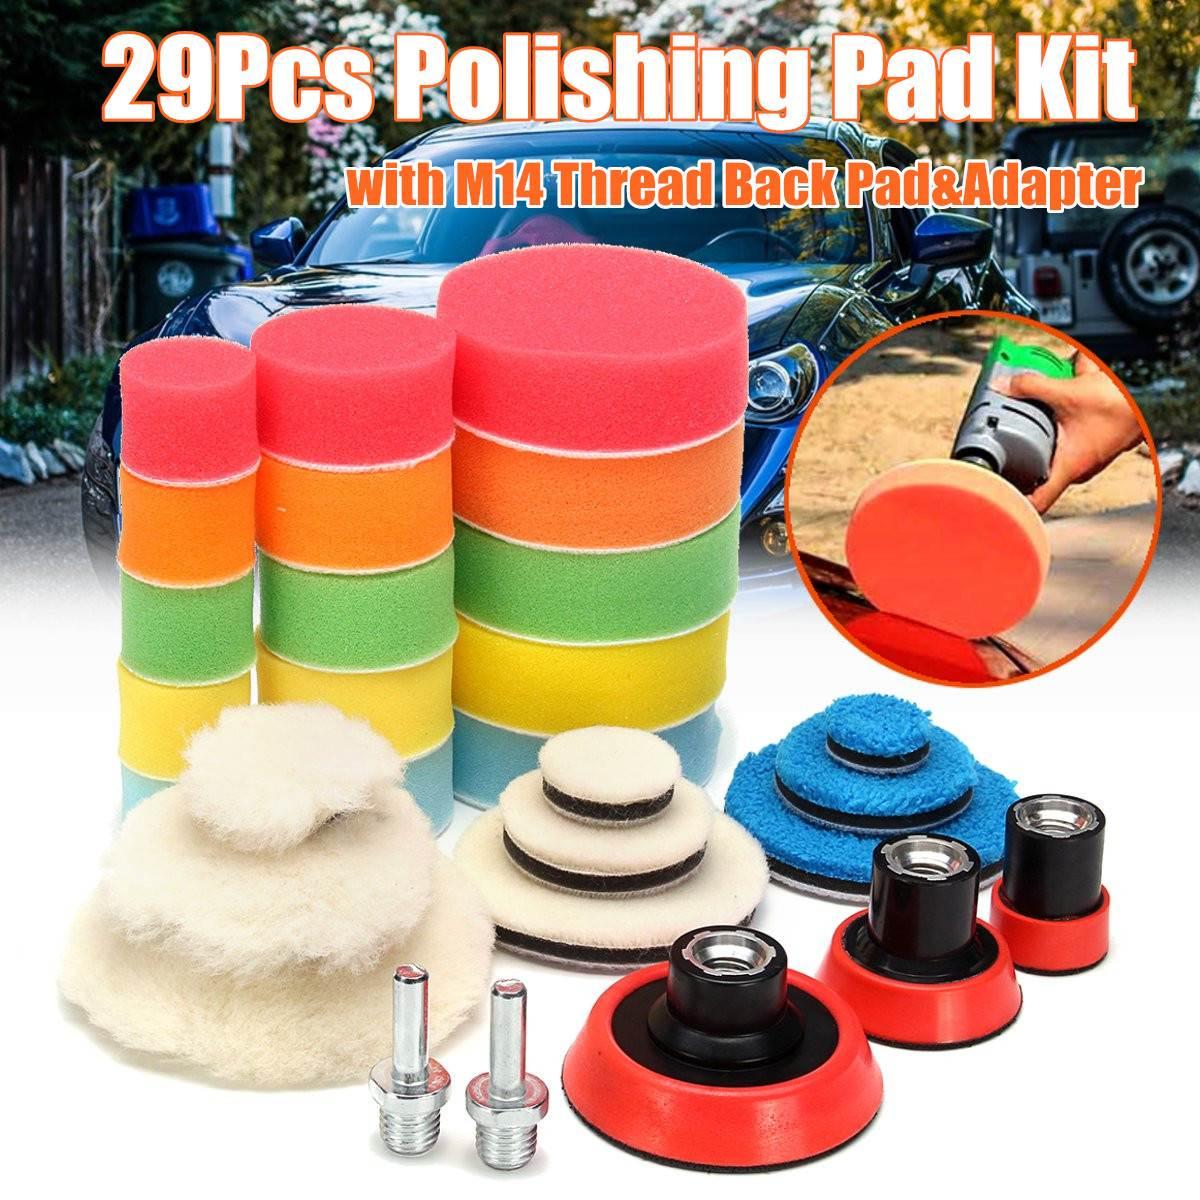 29 pçs almofada de polimento no disco de polimento almofada de polimento de 1-3 polegada carro automático almofada de polimento para polidor de carro + broca adaptador m14 ferramenta elétrica